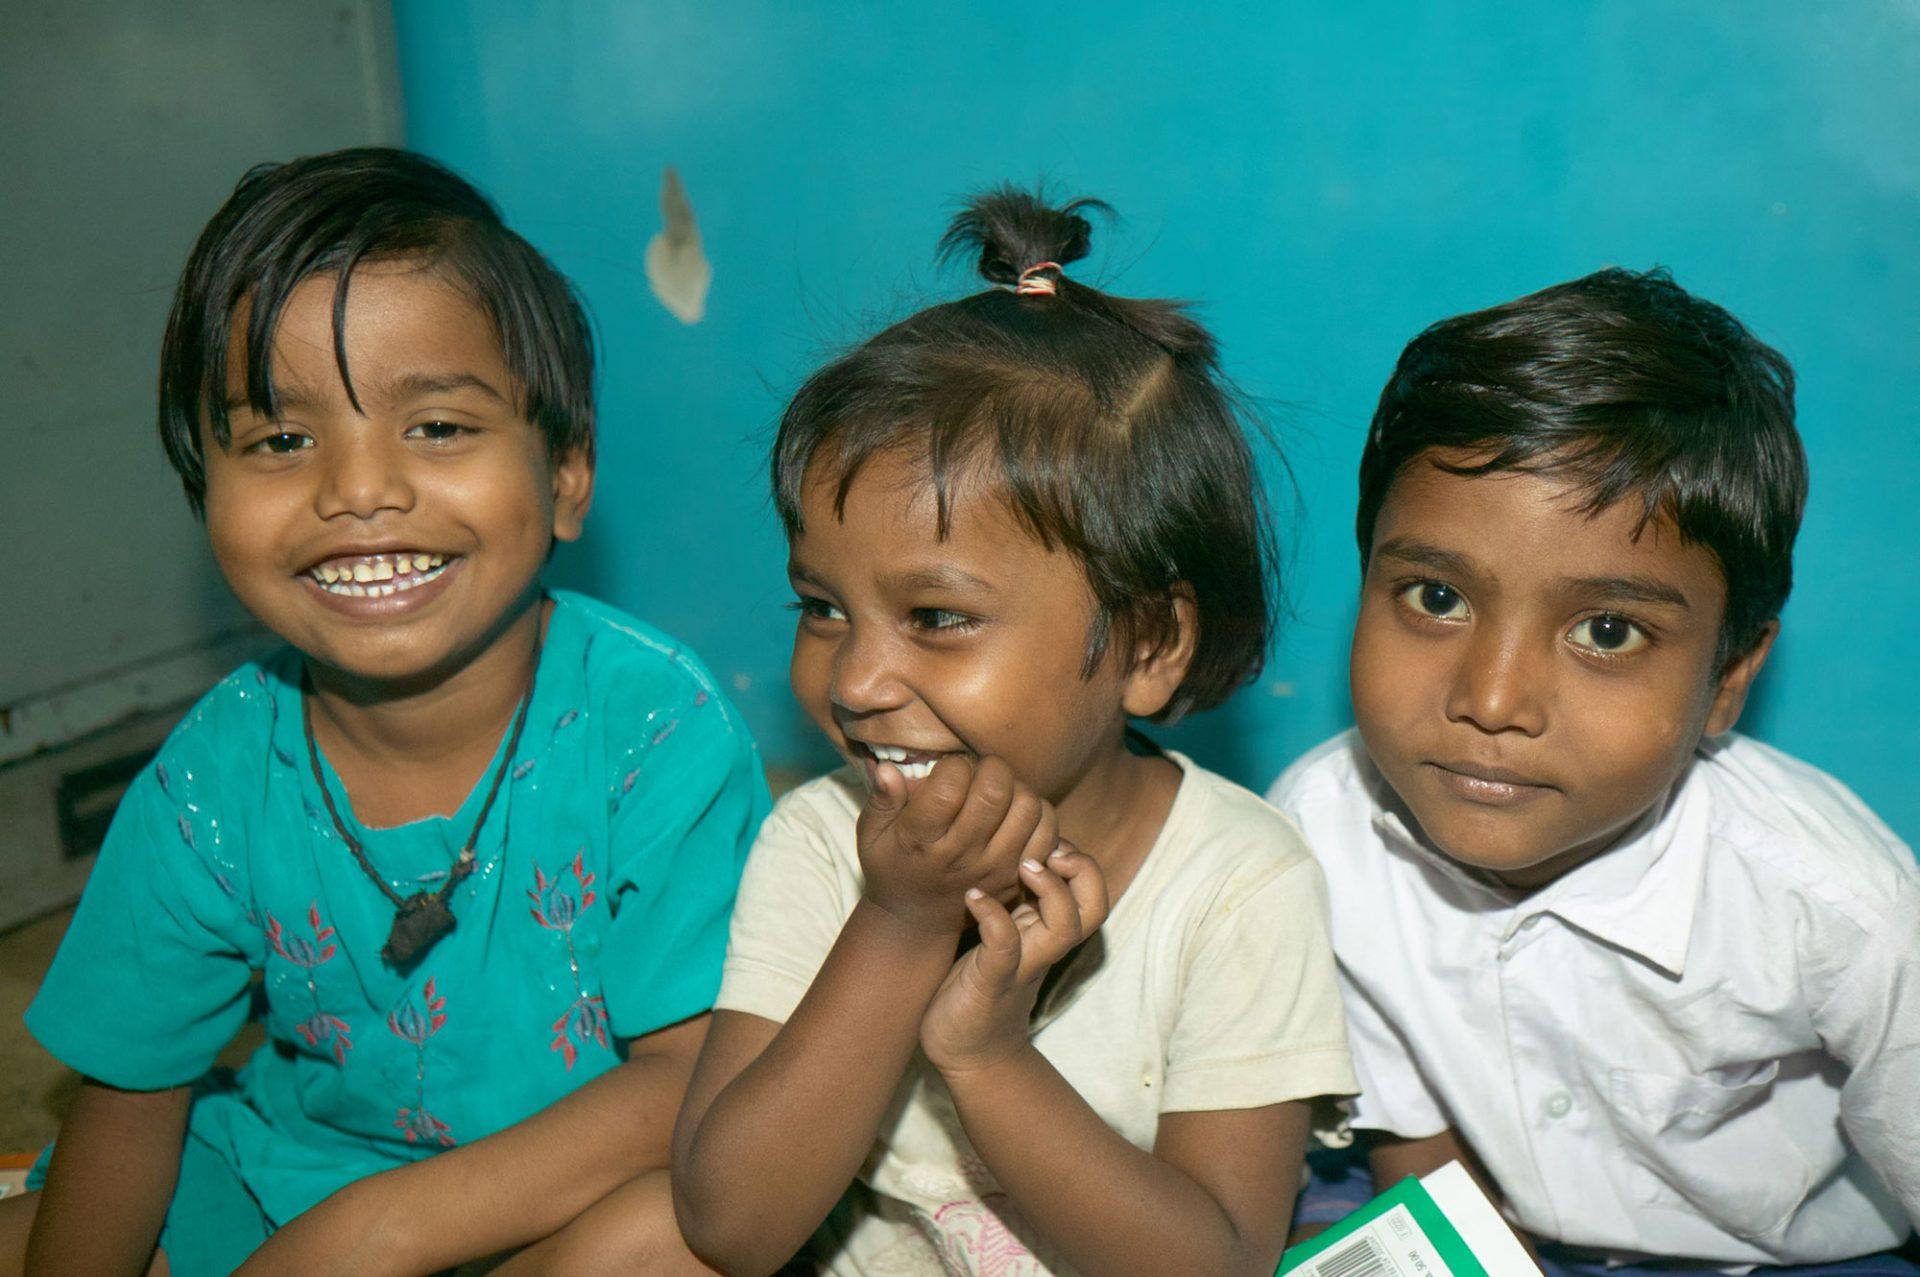 3 Kinder lachen in die Kamera, das Bild entband in einer Schule in Indien.